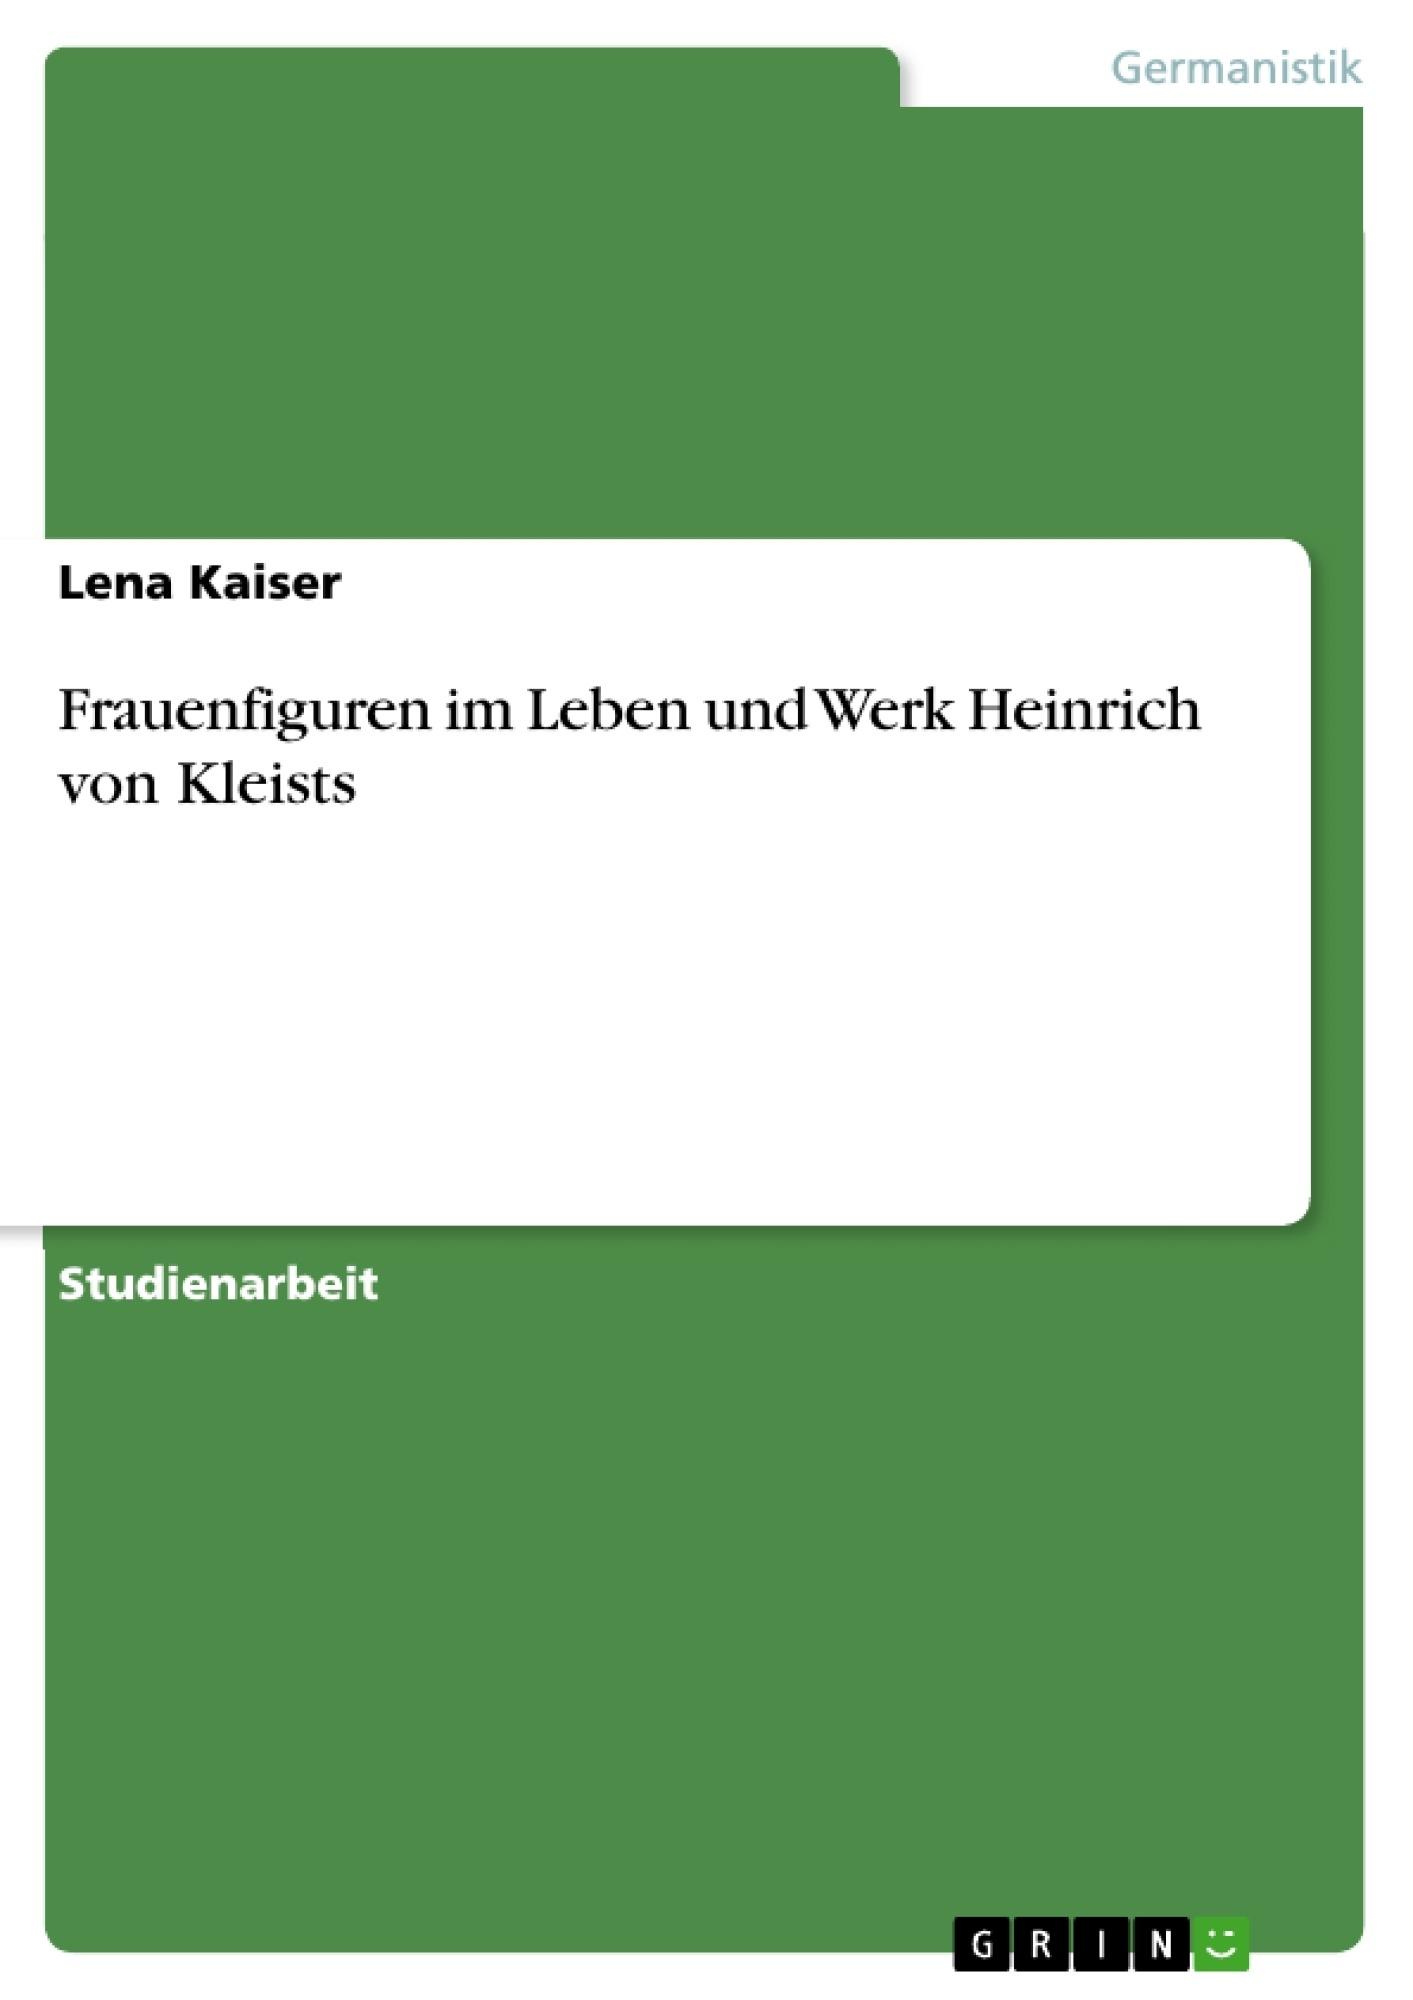 Titel: Frauenfiguren im Leben und Werk Heinrich von Kleists